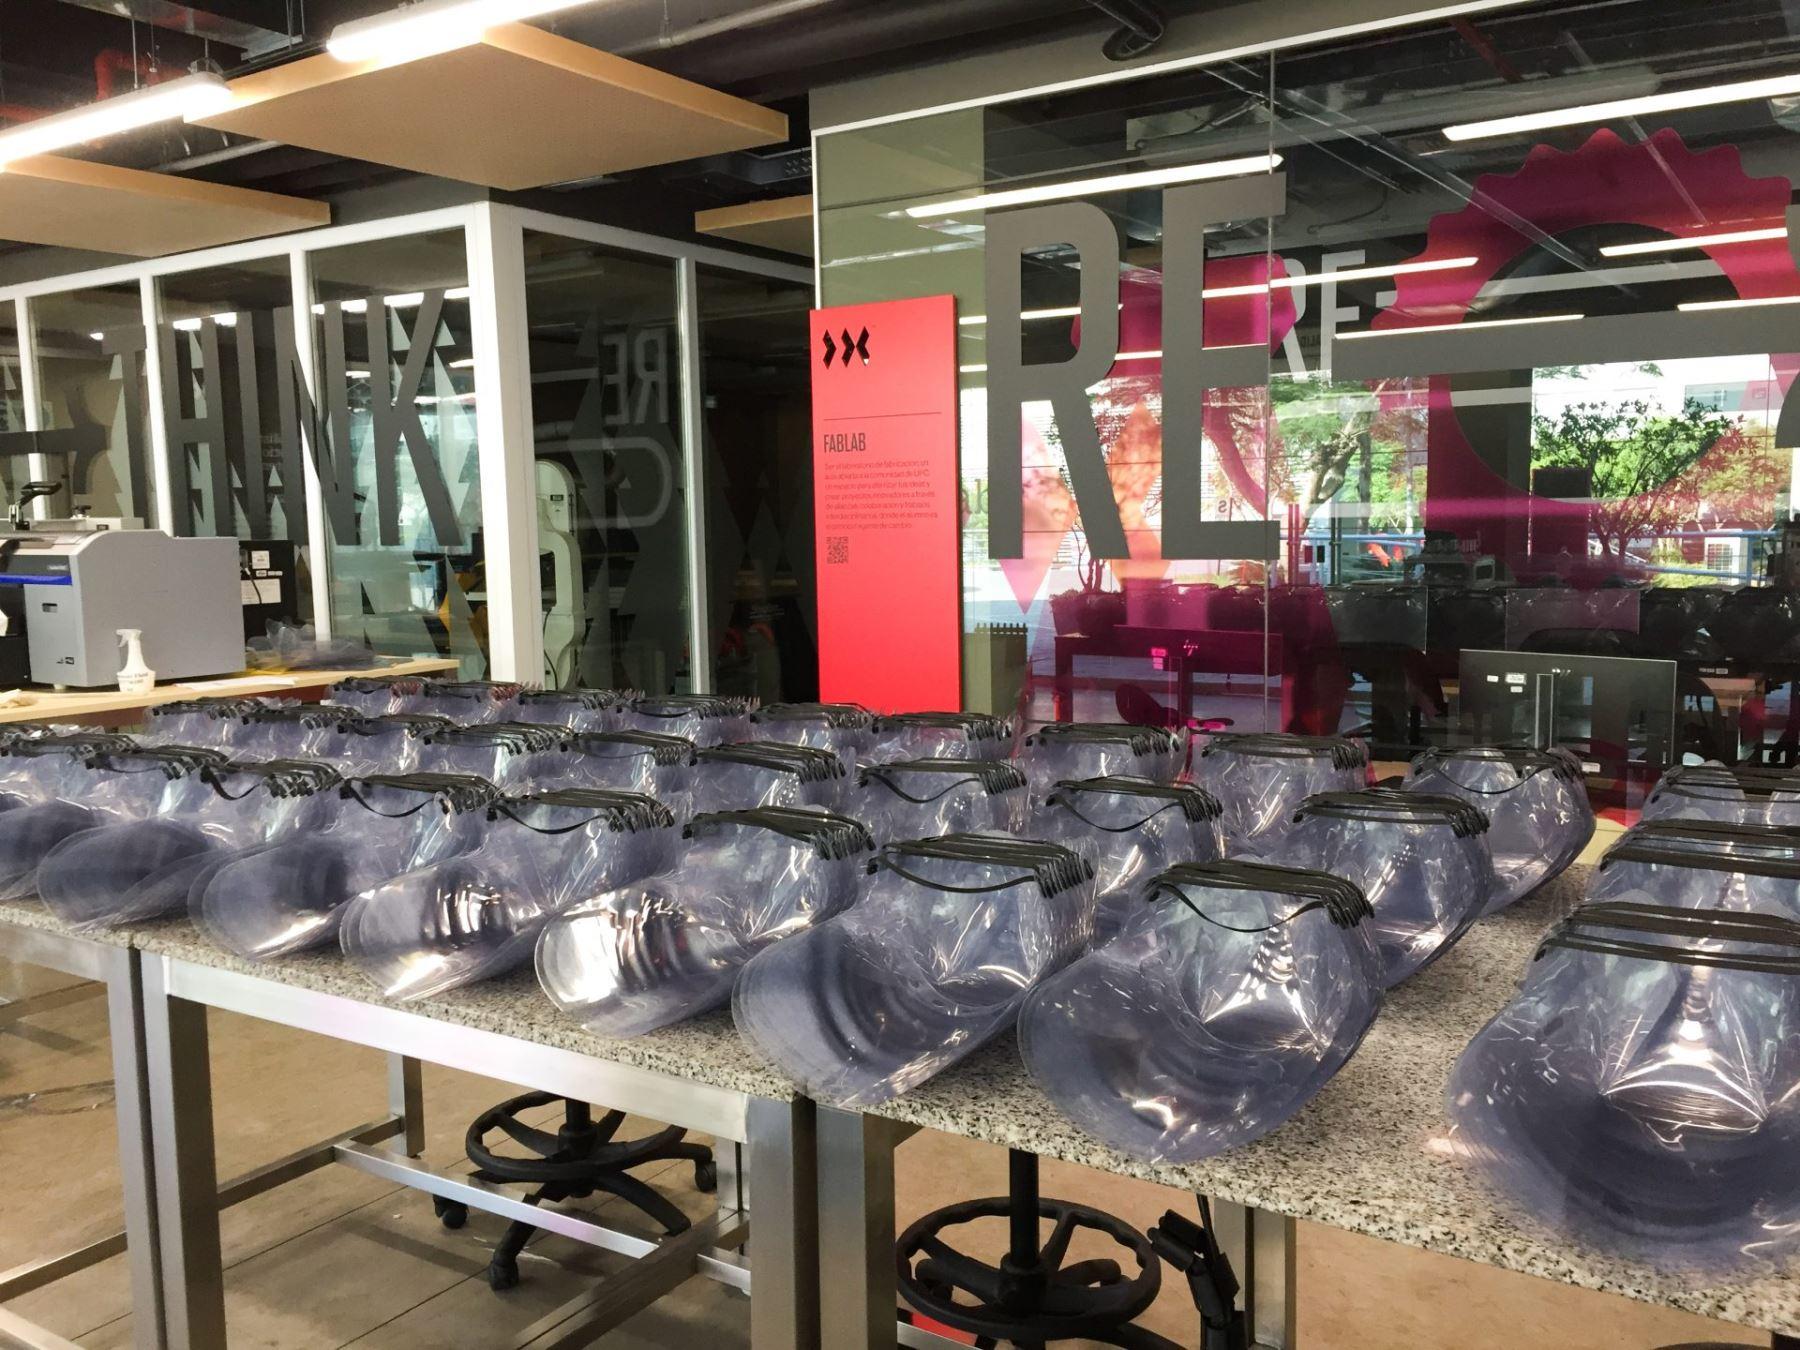 Se han elaborado y entregado un total de 2600 protectores faciales